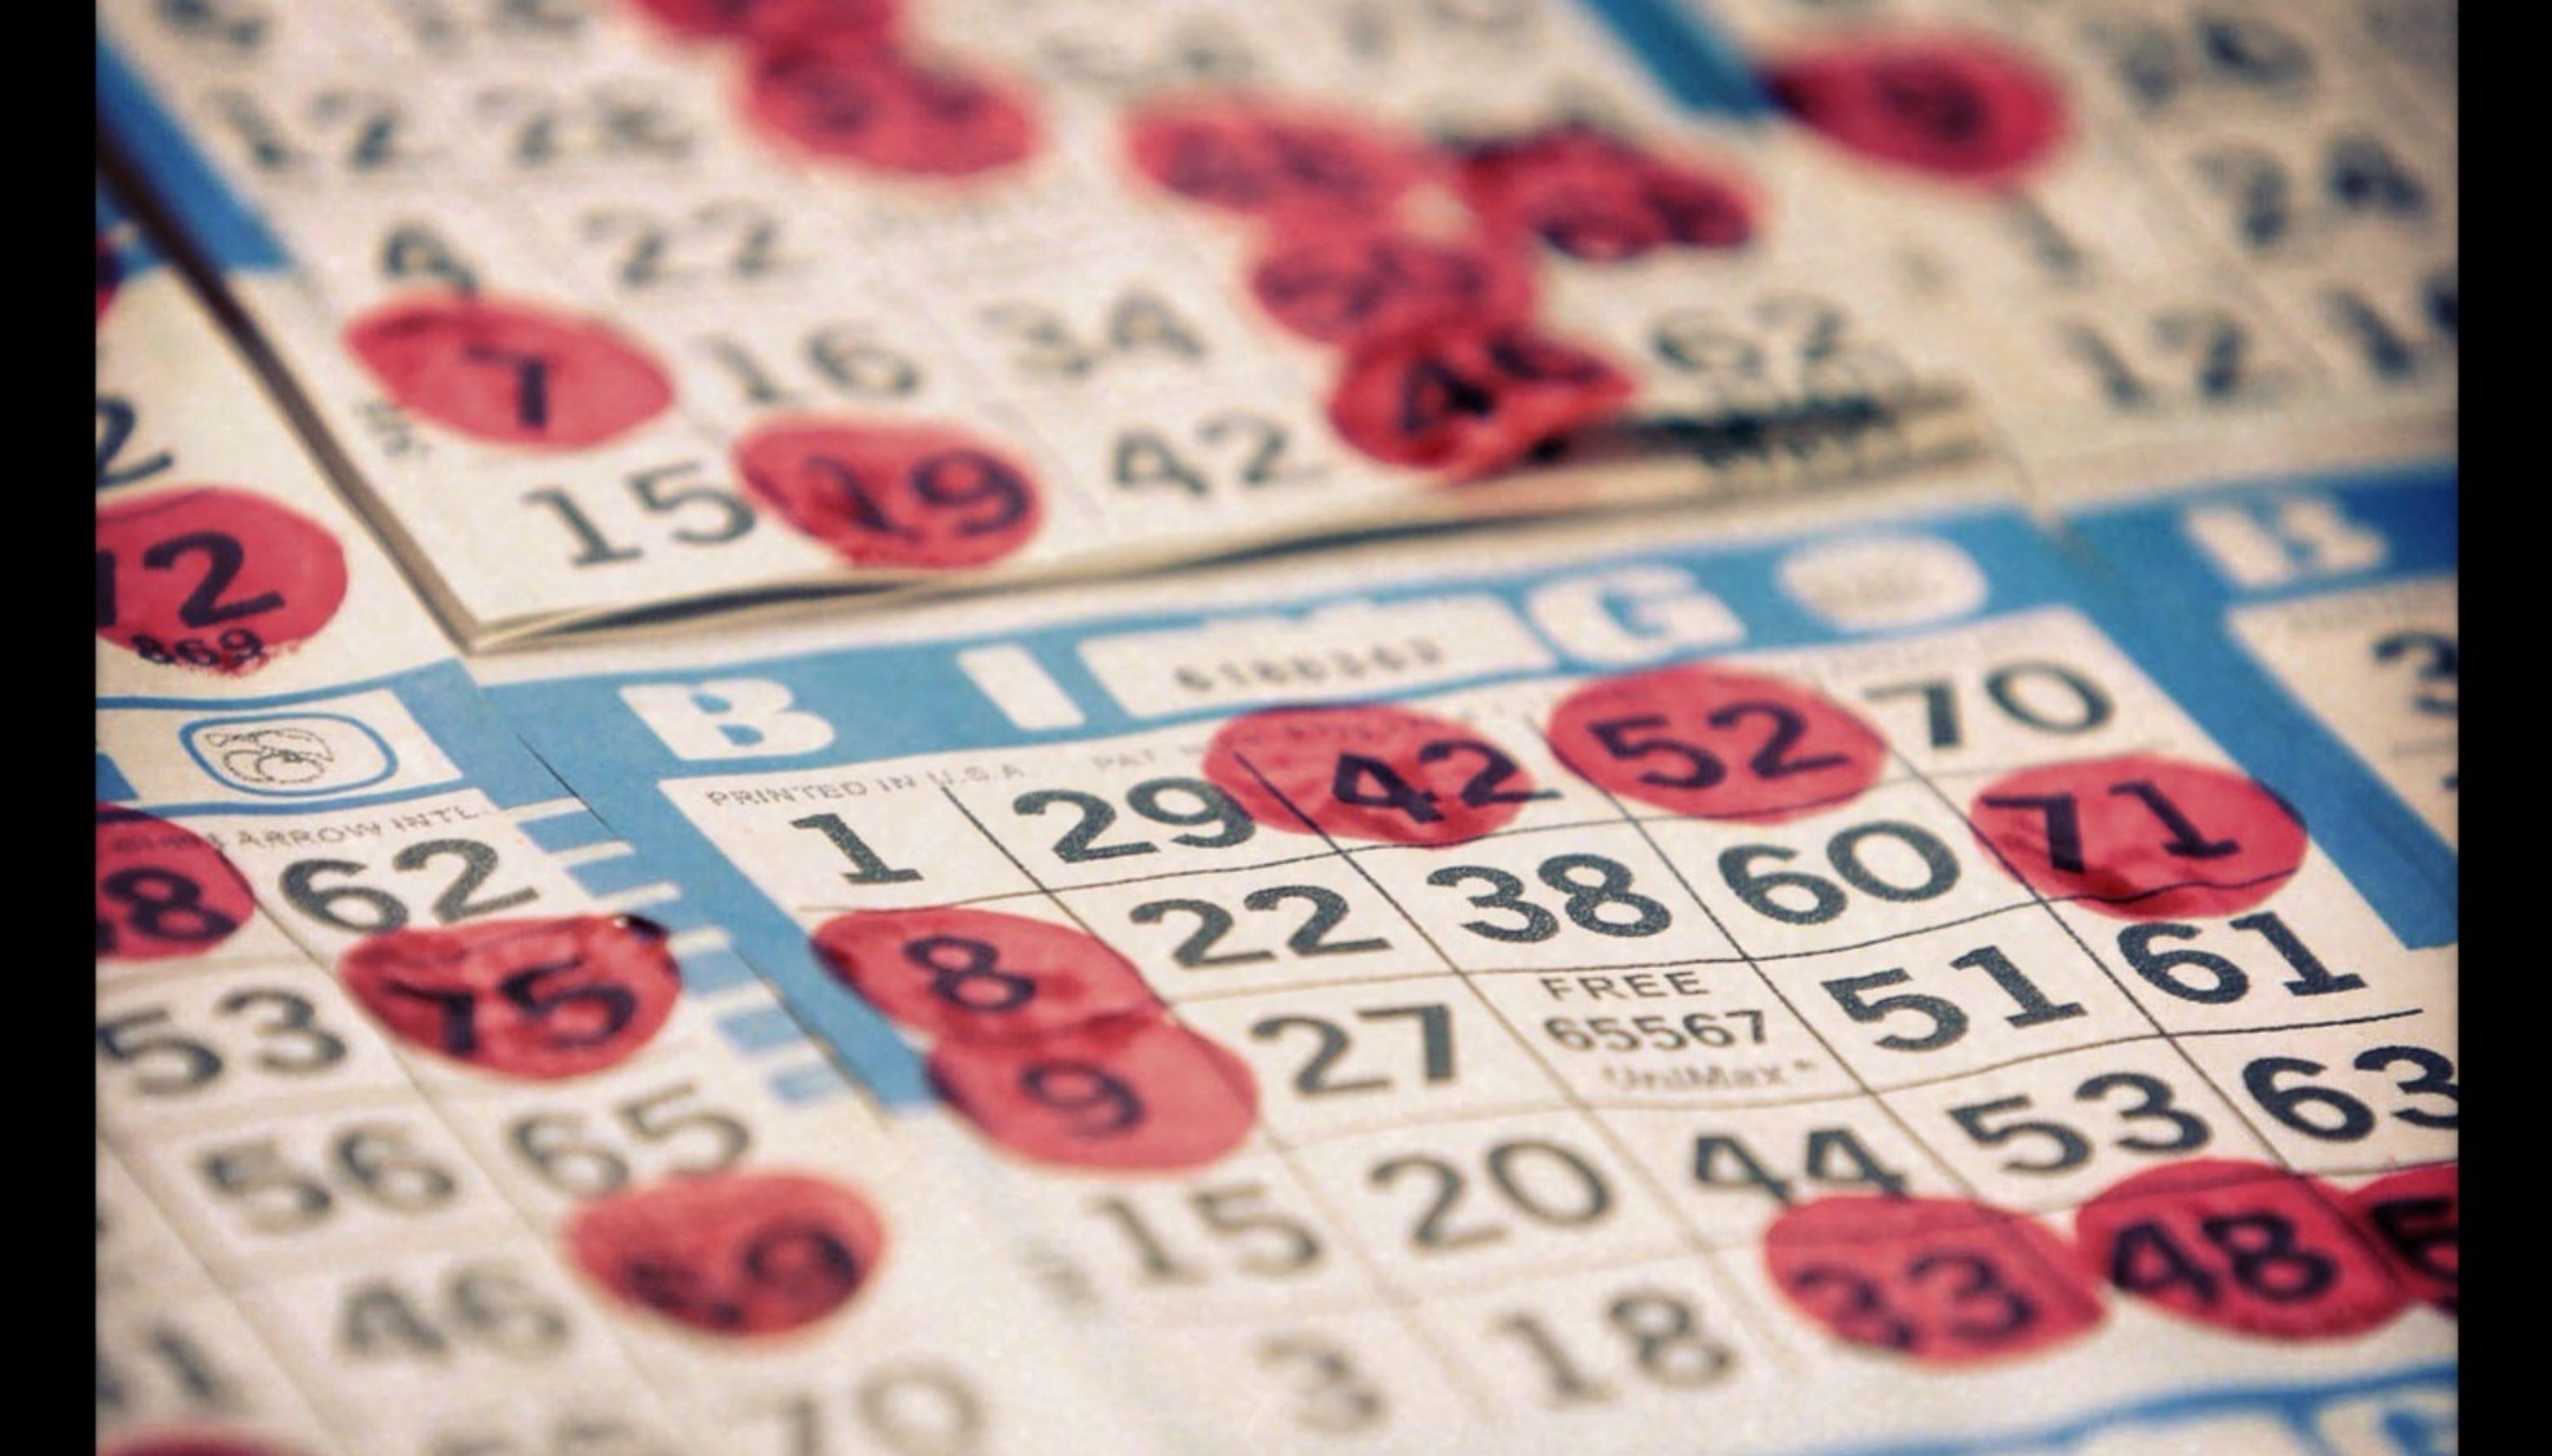 bingo scam